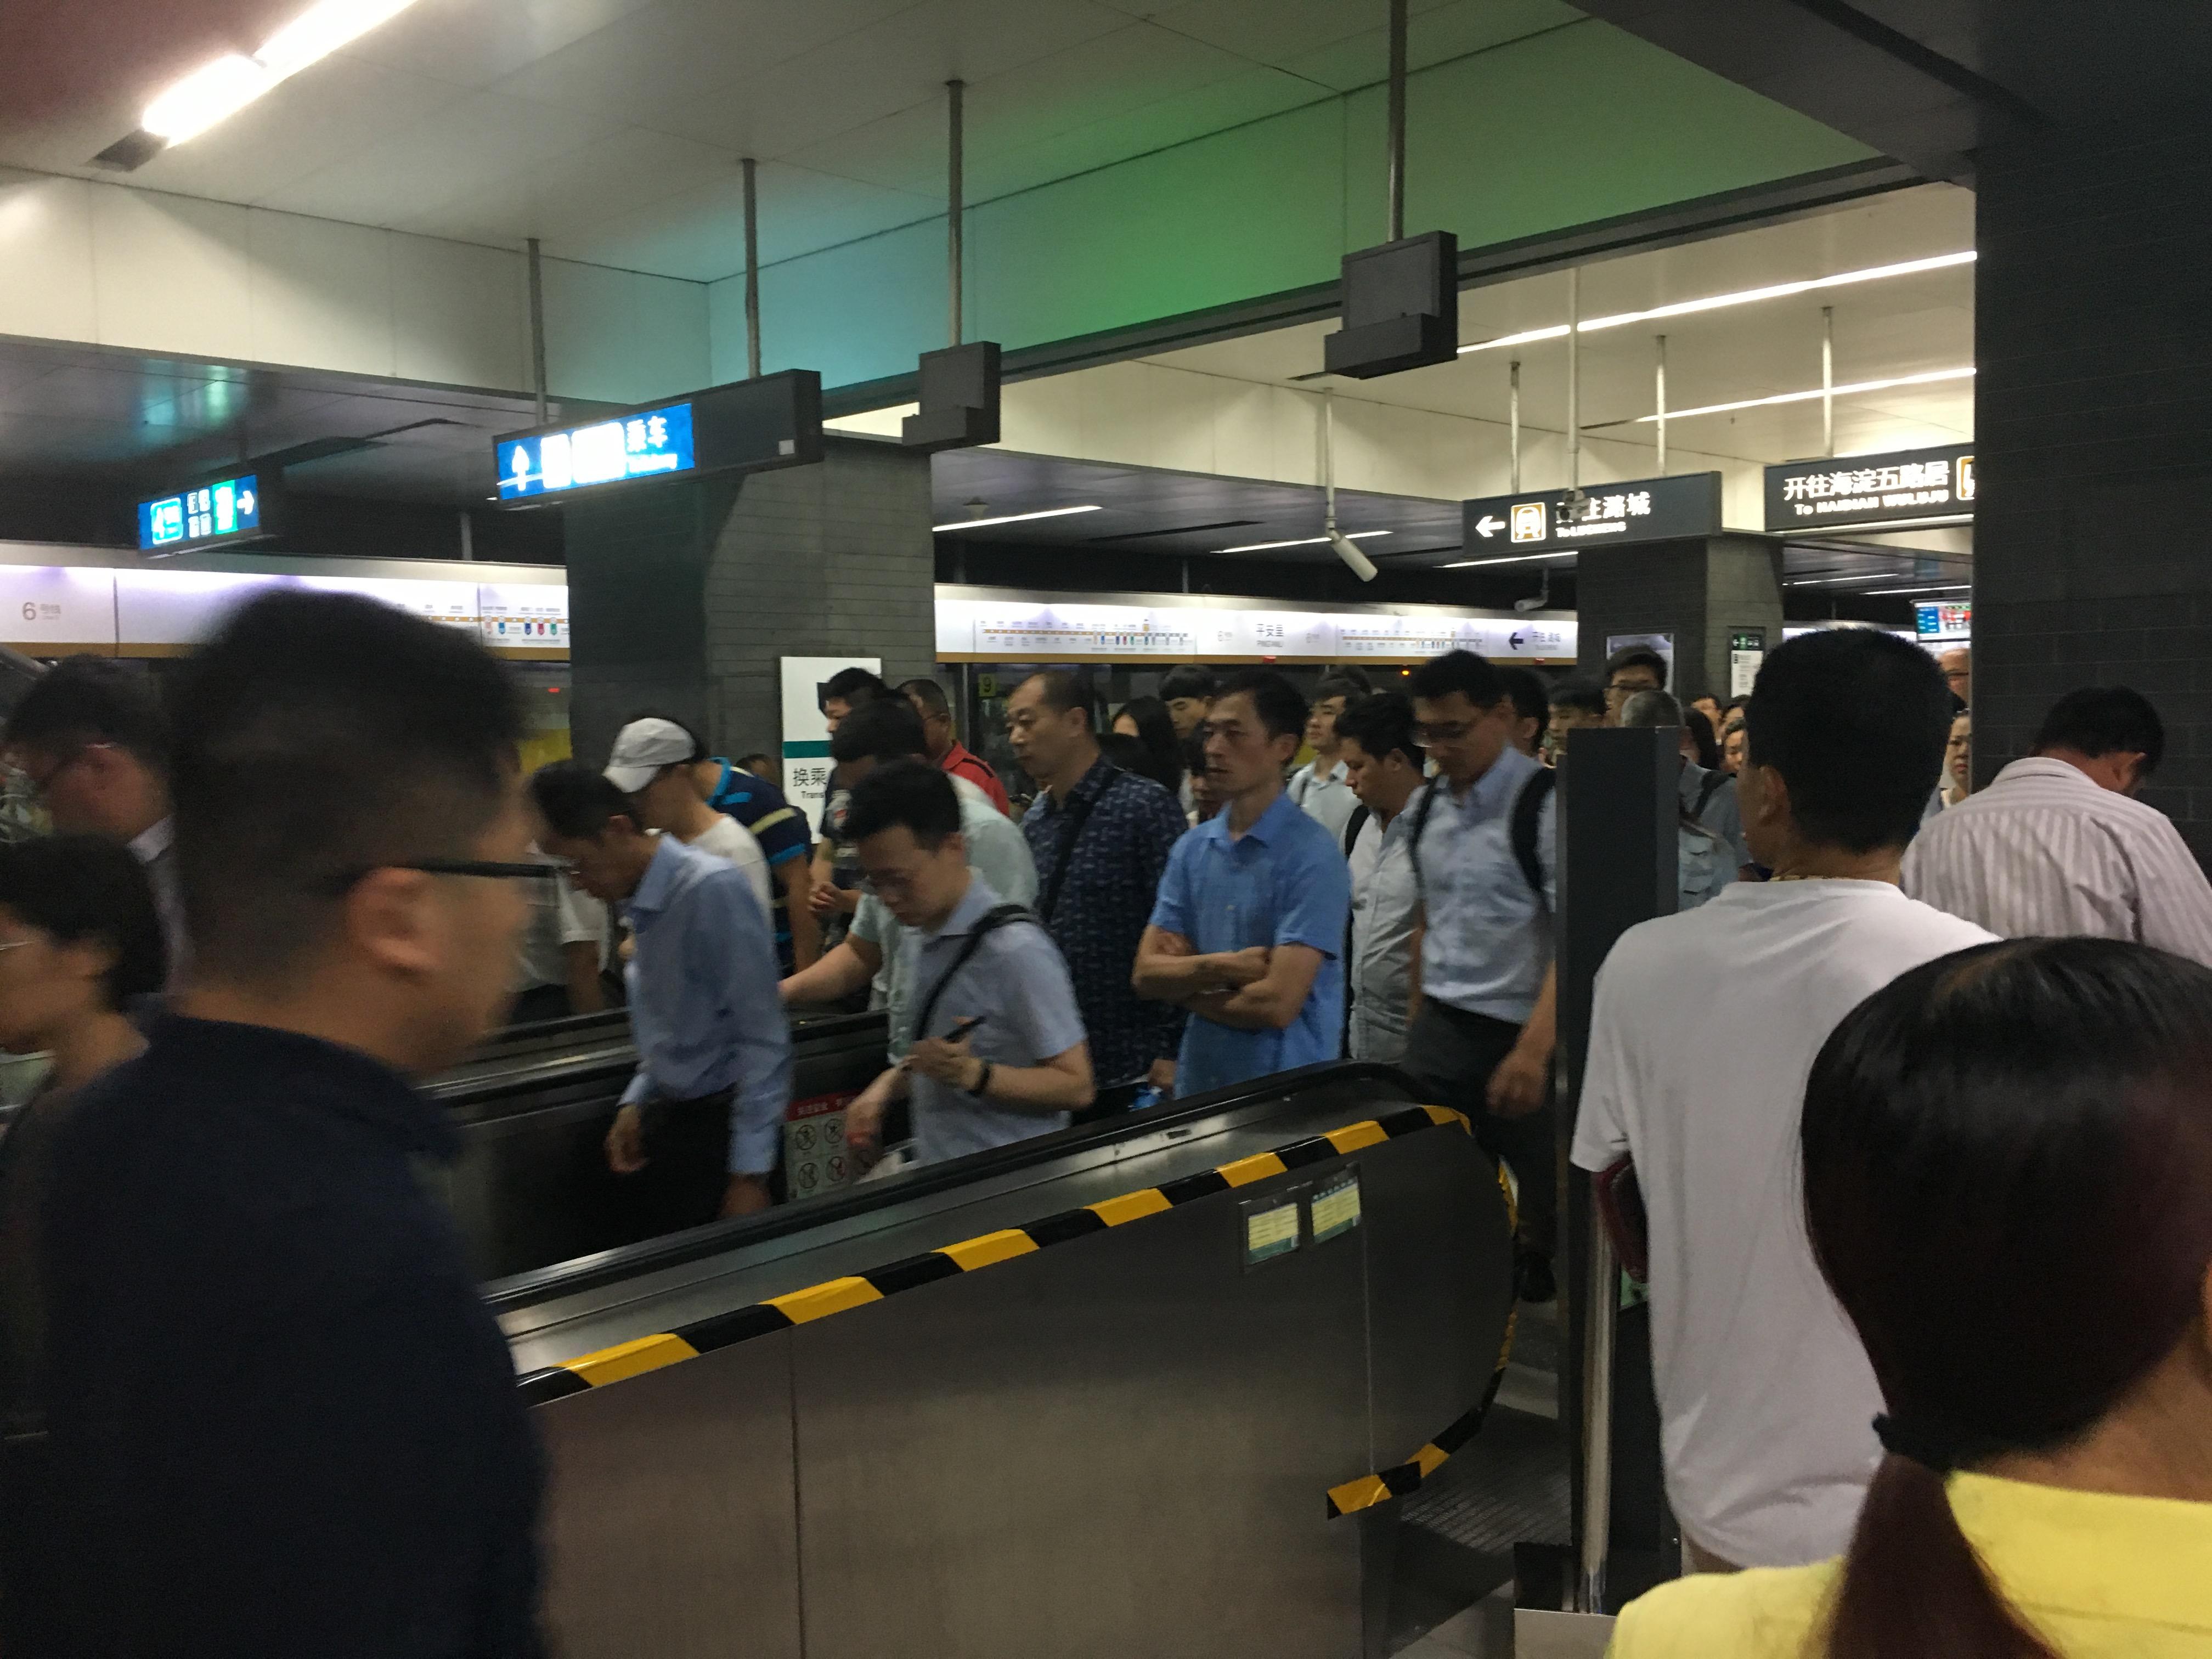 亲历京城地铁早高峰,要多挤有多挤(图)